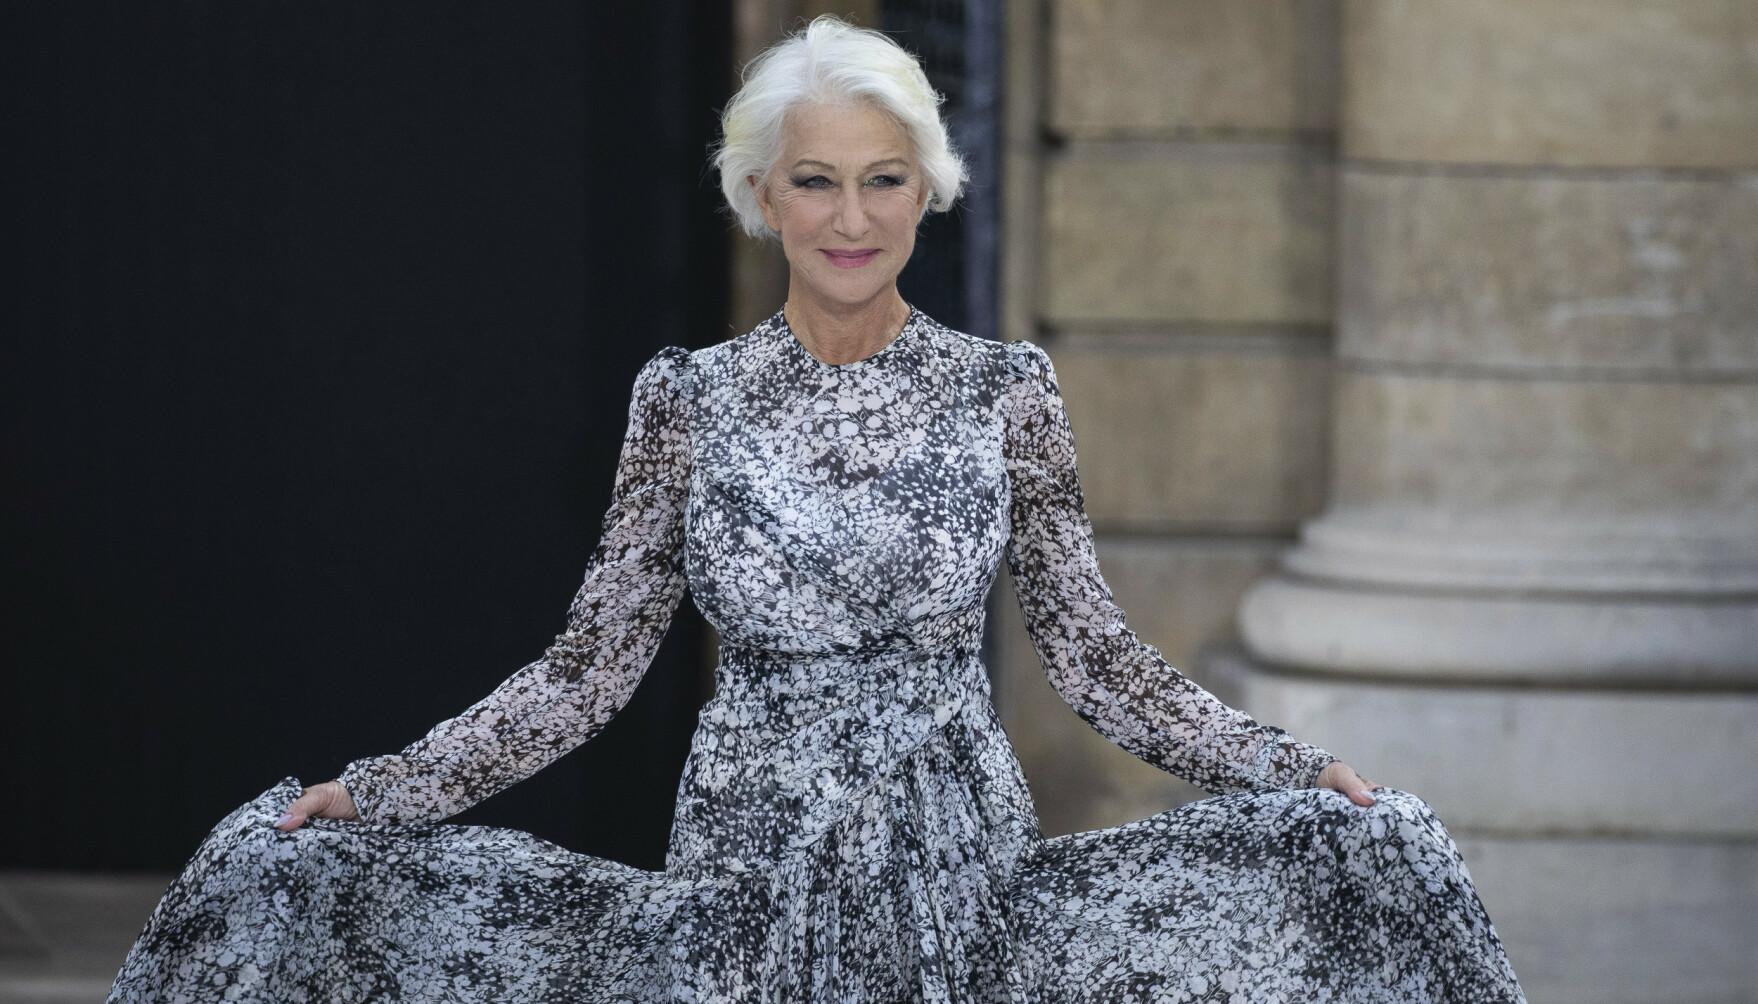 FLOTT: Den britiske skuespilleren, Helen Mirren, er kjent for sitt naturlige gråe hår. FOTO: NTB